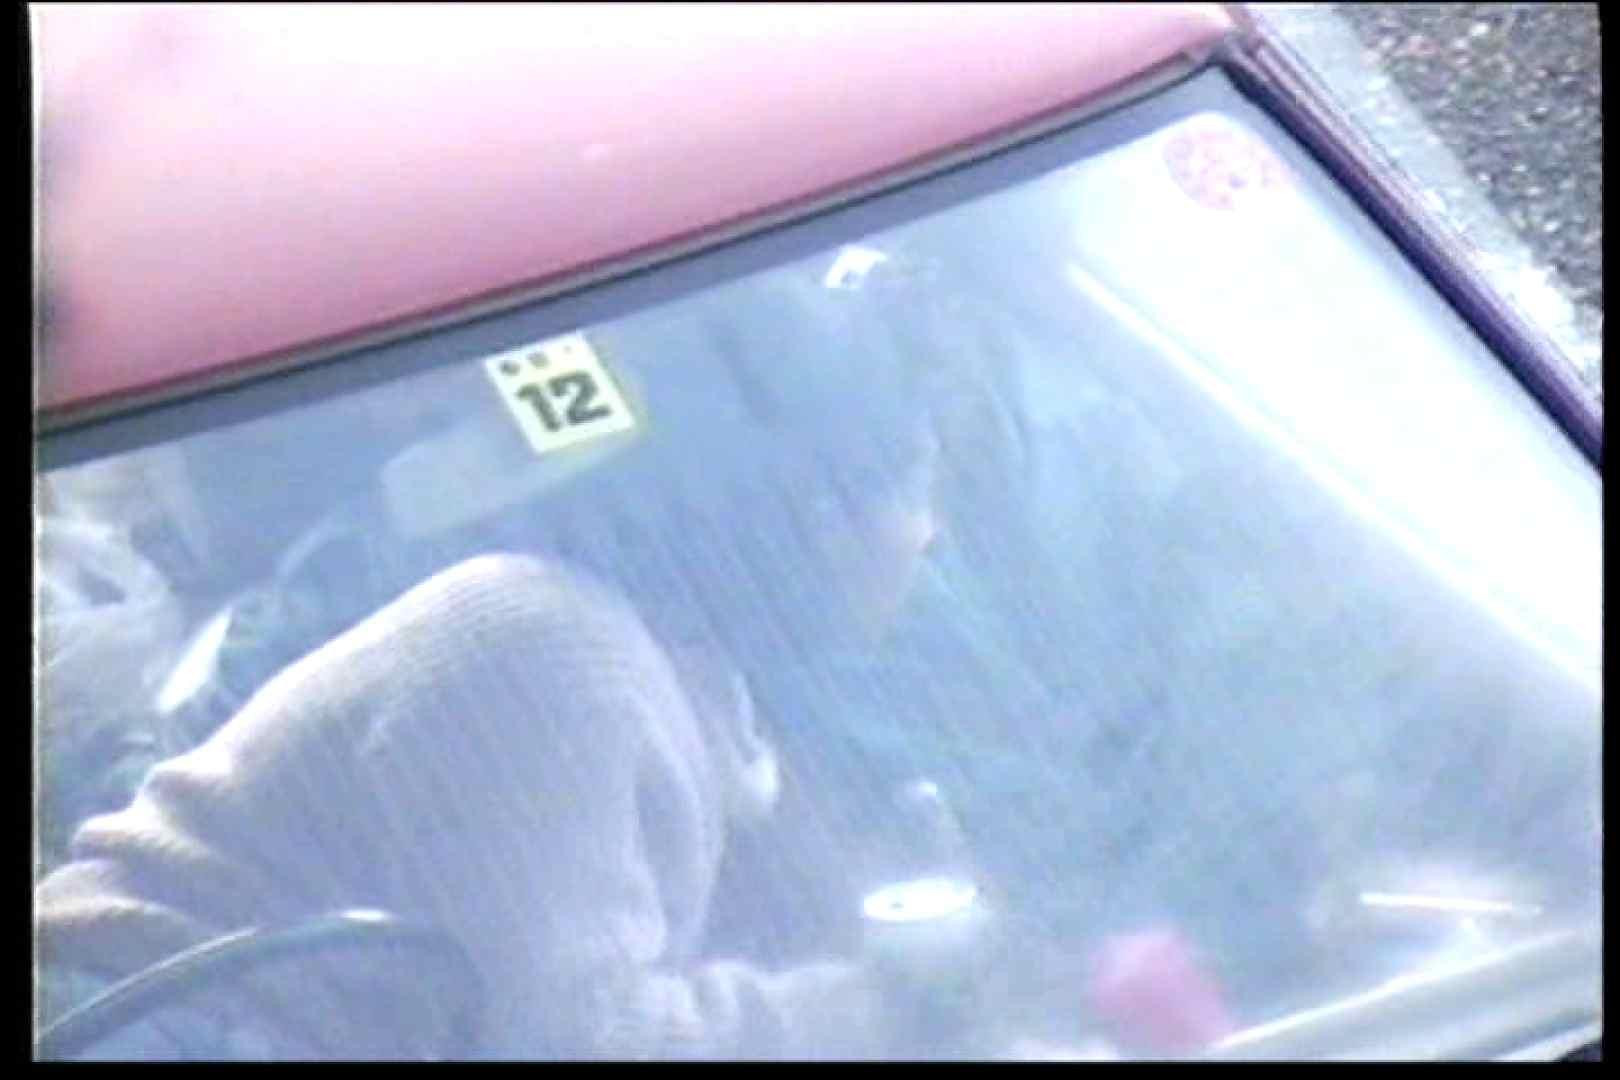 車の中はラブホテル 無修正版  Vol.12 美しいOLの裸体 盗み撮り動画キャプチャ 87pic 26